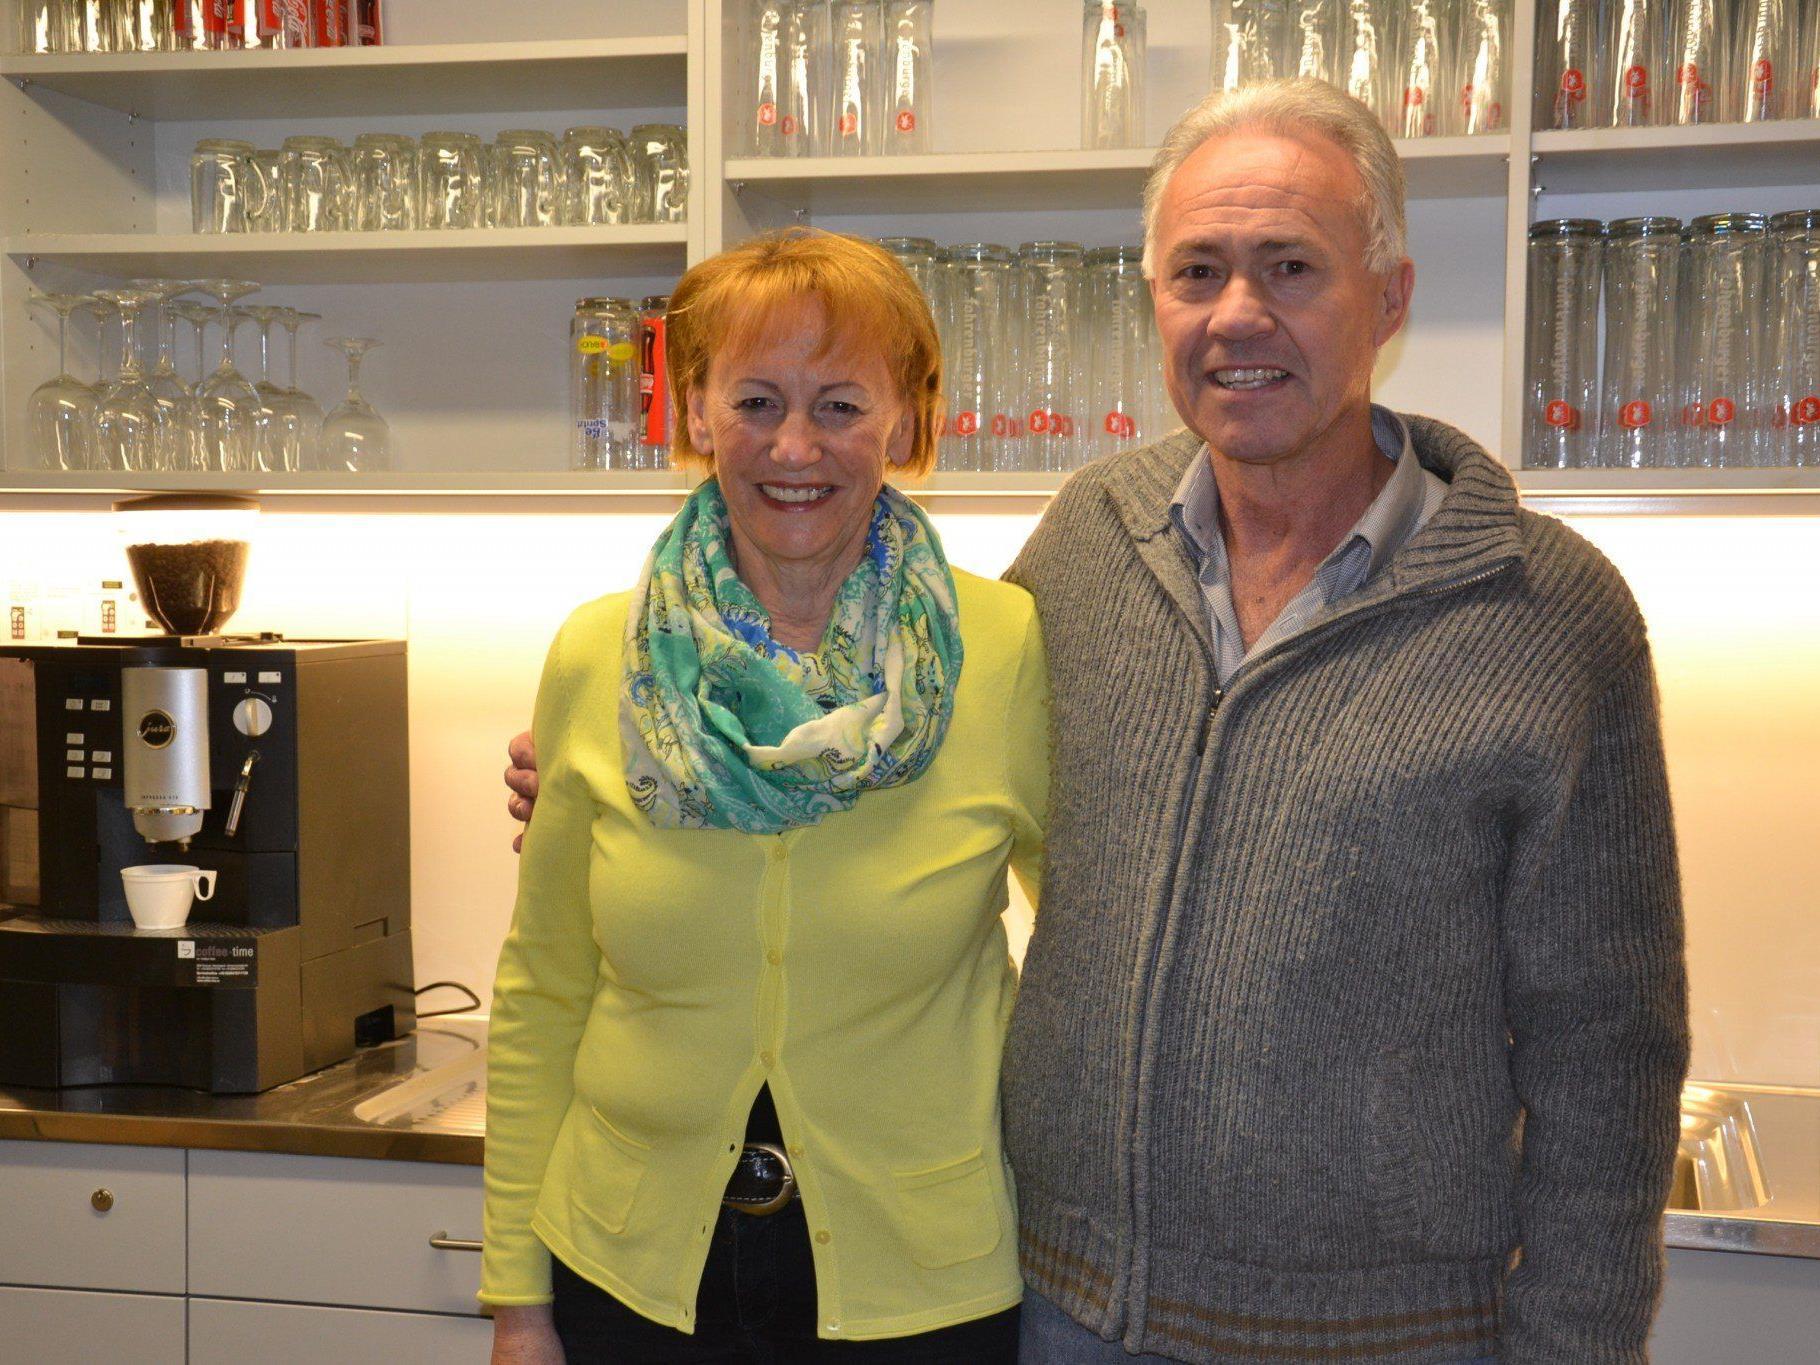 (v.l.) Ingrid Metzler (Wirtschaft) und FC Götzis Obmann Egon Moser freuen sich über die gelungene Renovierung des Mösle Kiosk